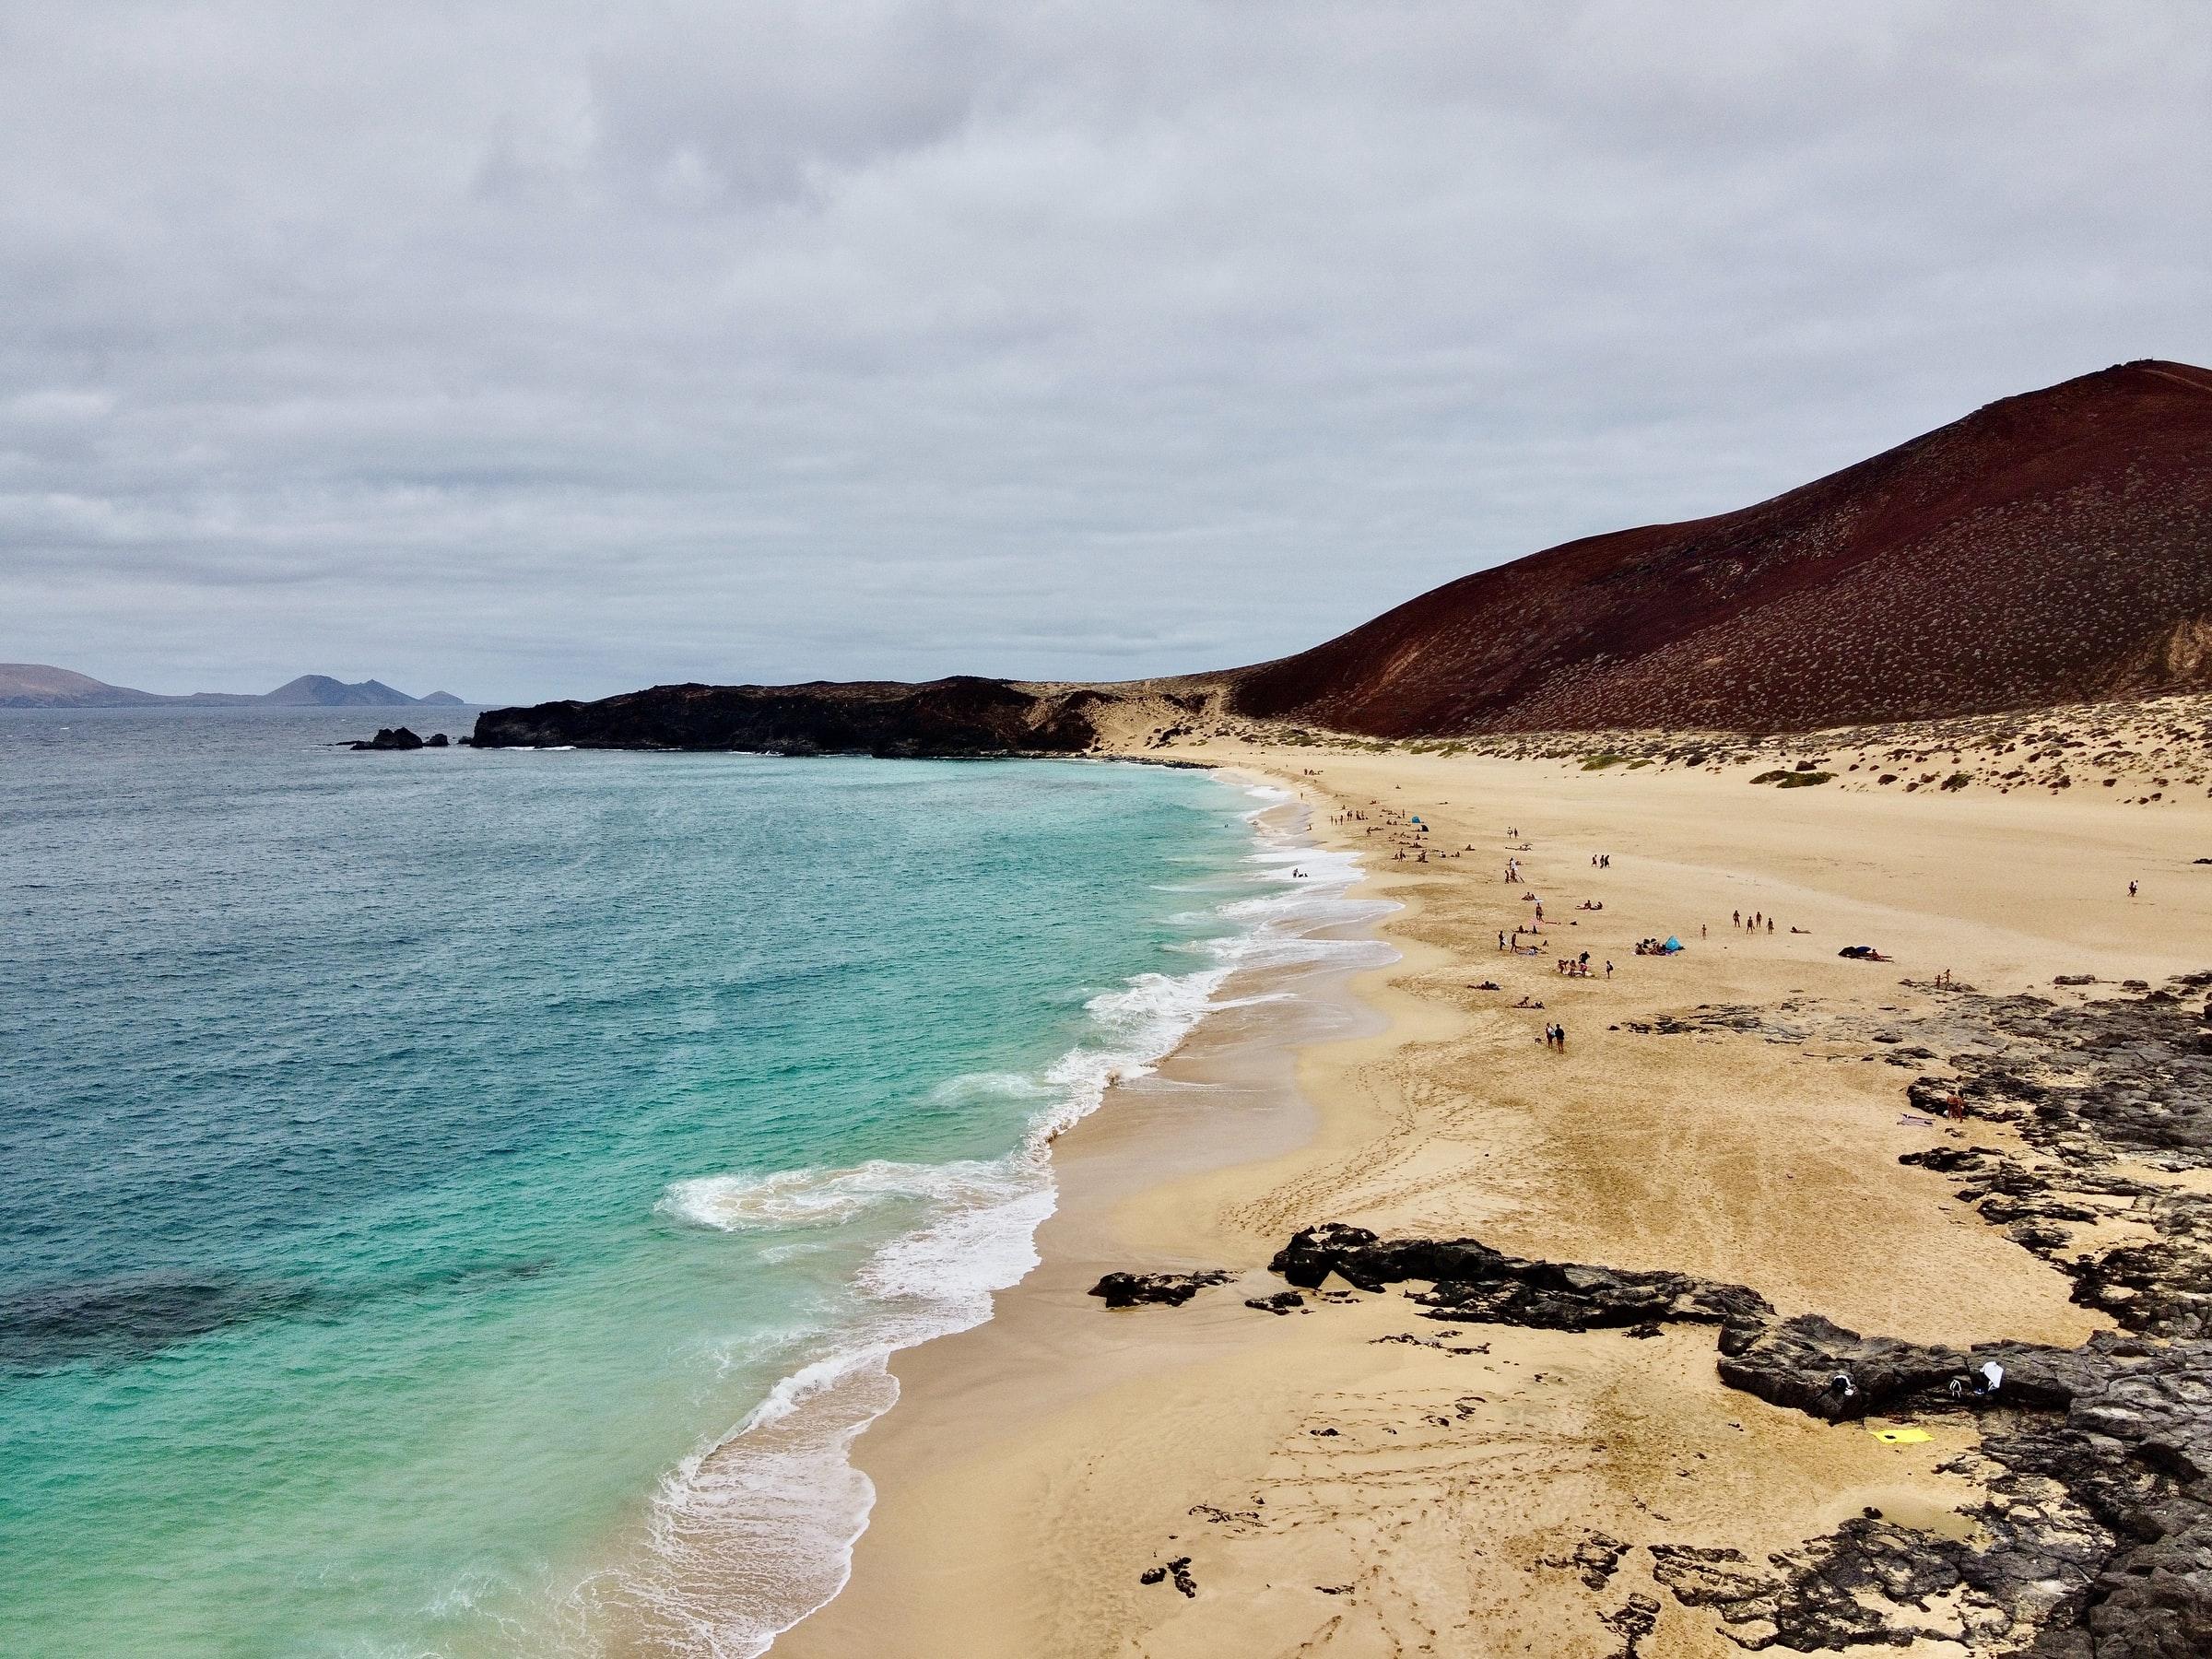 La Graciosa Insel Strand